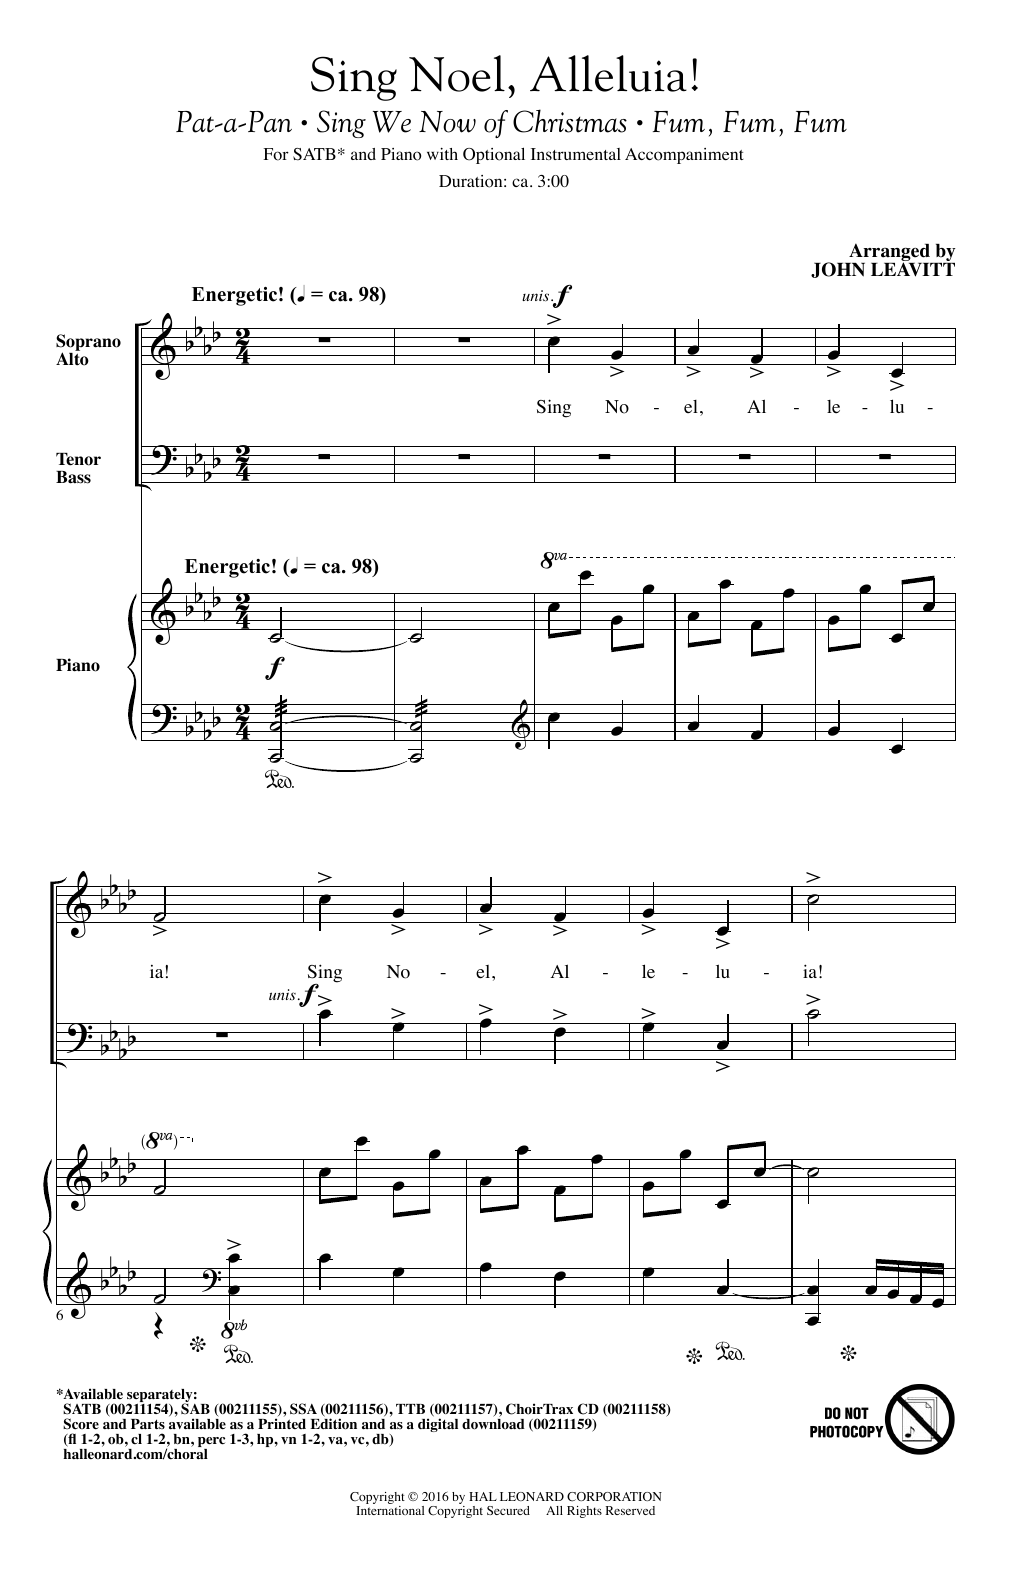 Sing Noel, Alleluia! (SATB Choir)